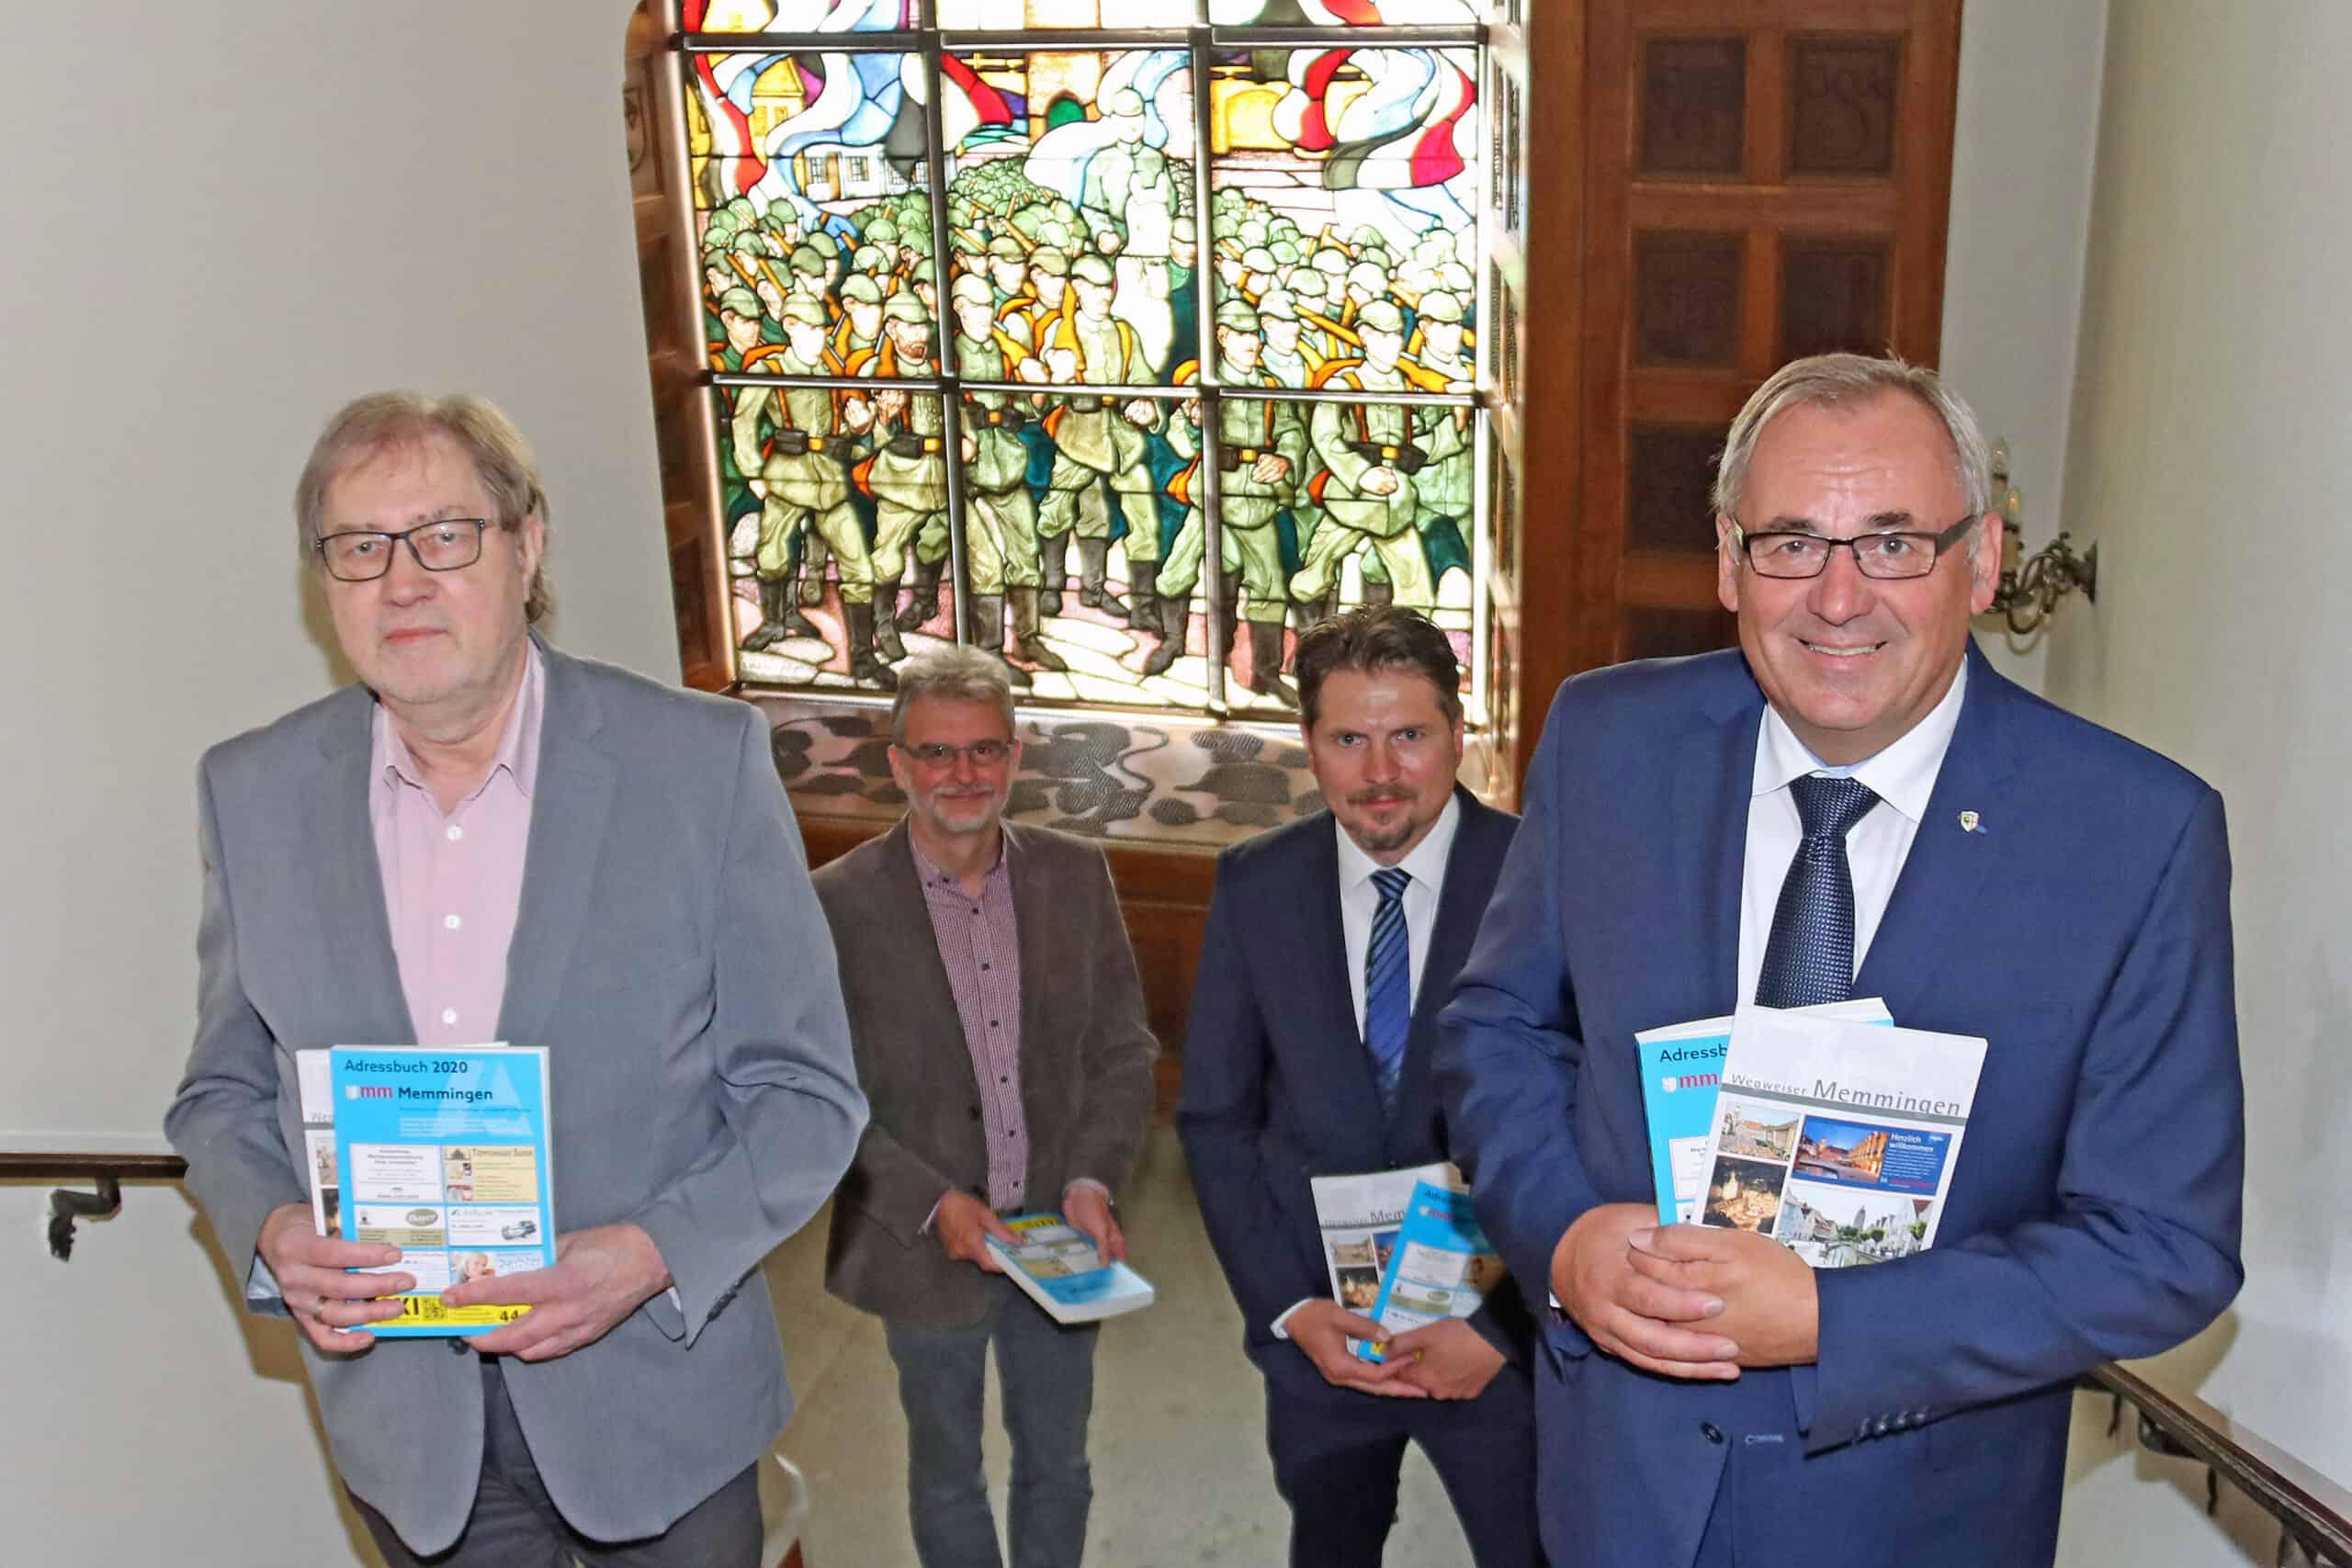 Übergabe des Adressbuch in Memmingen